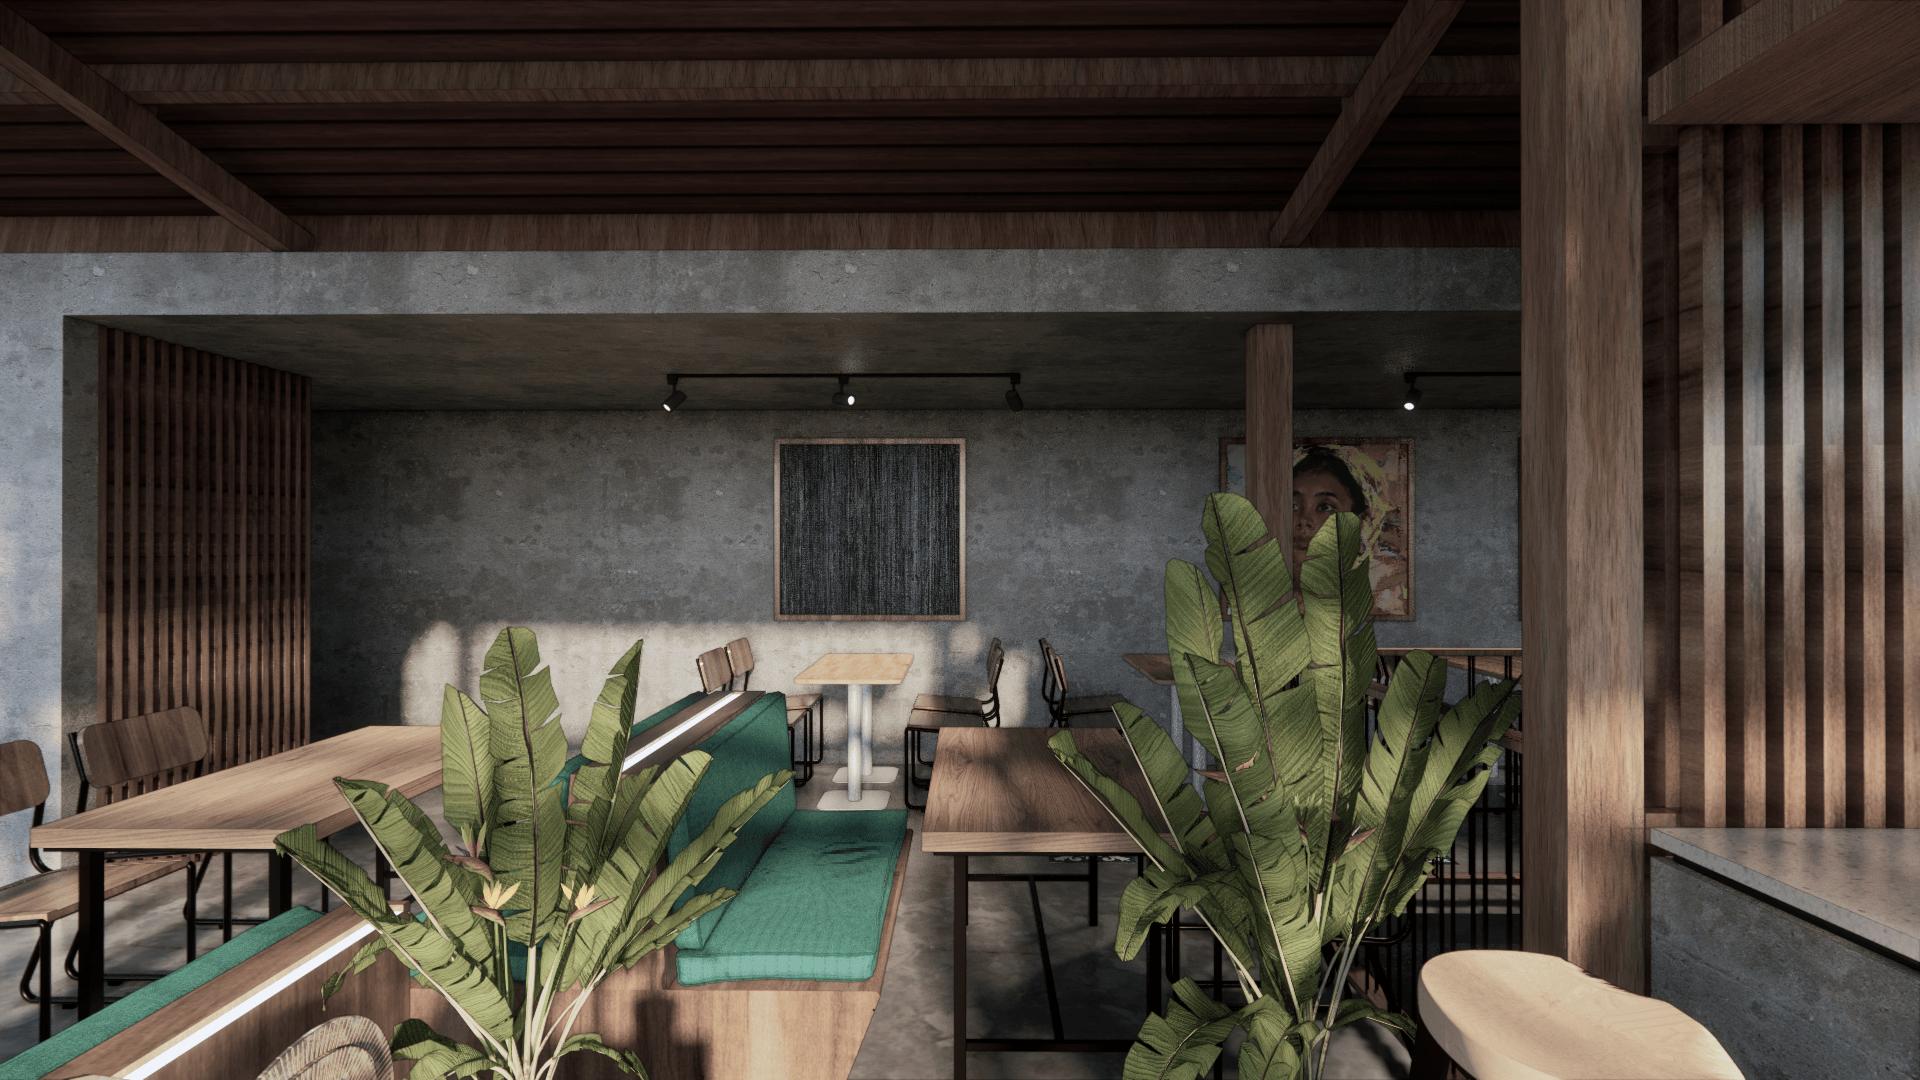 Square Meter Design Studio Plaga Eco Park Plaga, Pelaga, Petang, Kabupaten Badung, Bali, Indonesia Plaga, Pelaga, Petang, Kabupaten Badung, Bali, Indonesia Square-Meter-Design-Studio-Plaga-Eco-Park  126550